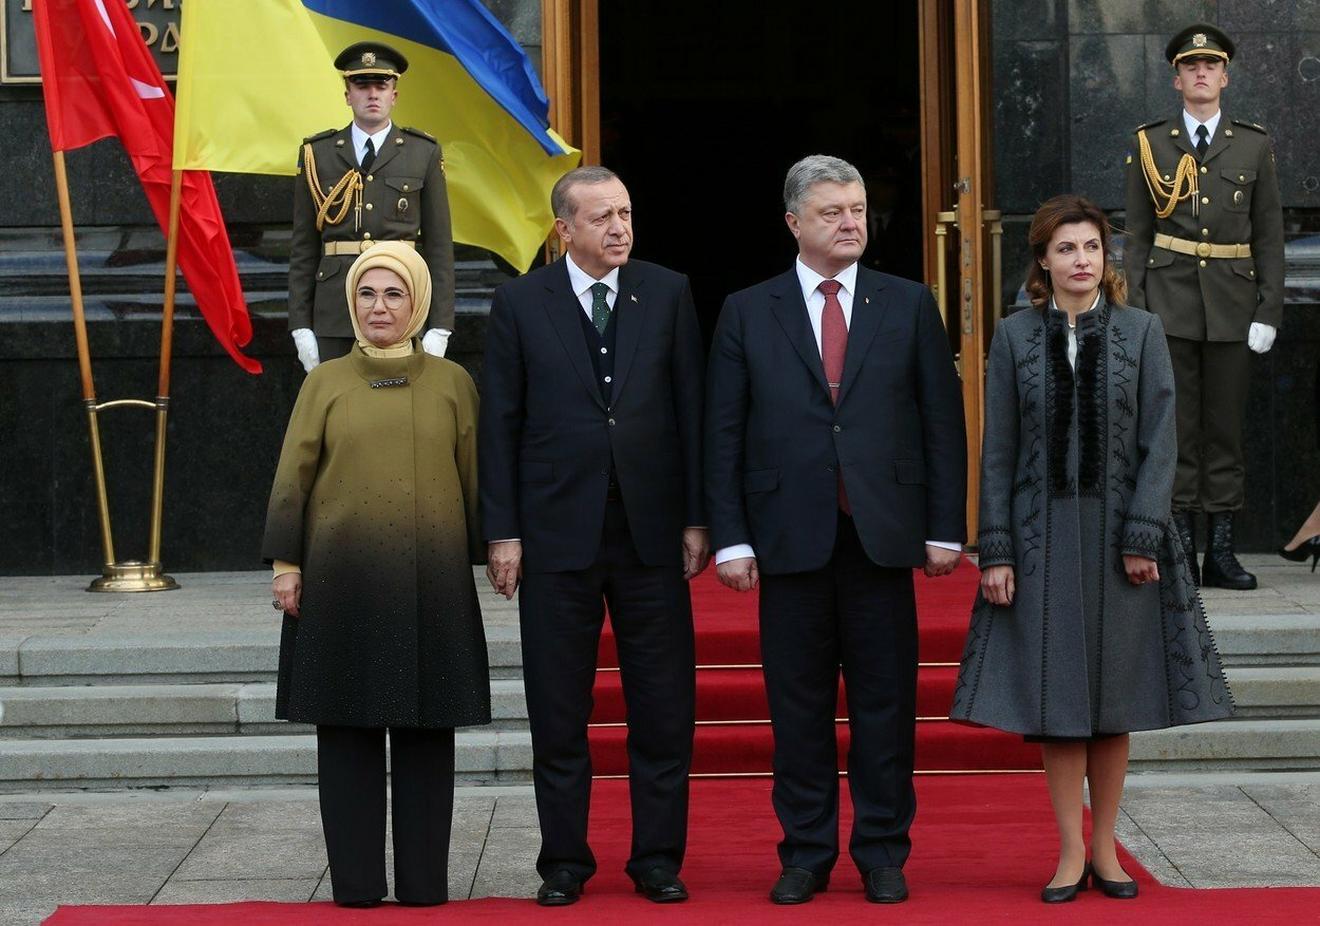 Emina i Redžep Tajip Erdogan sa Petroom Porošenkom, predsednikom Ukrajine, i njegovom suprugom Marijanom Porošenko pre nekoliko dana u Kijevu